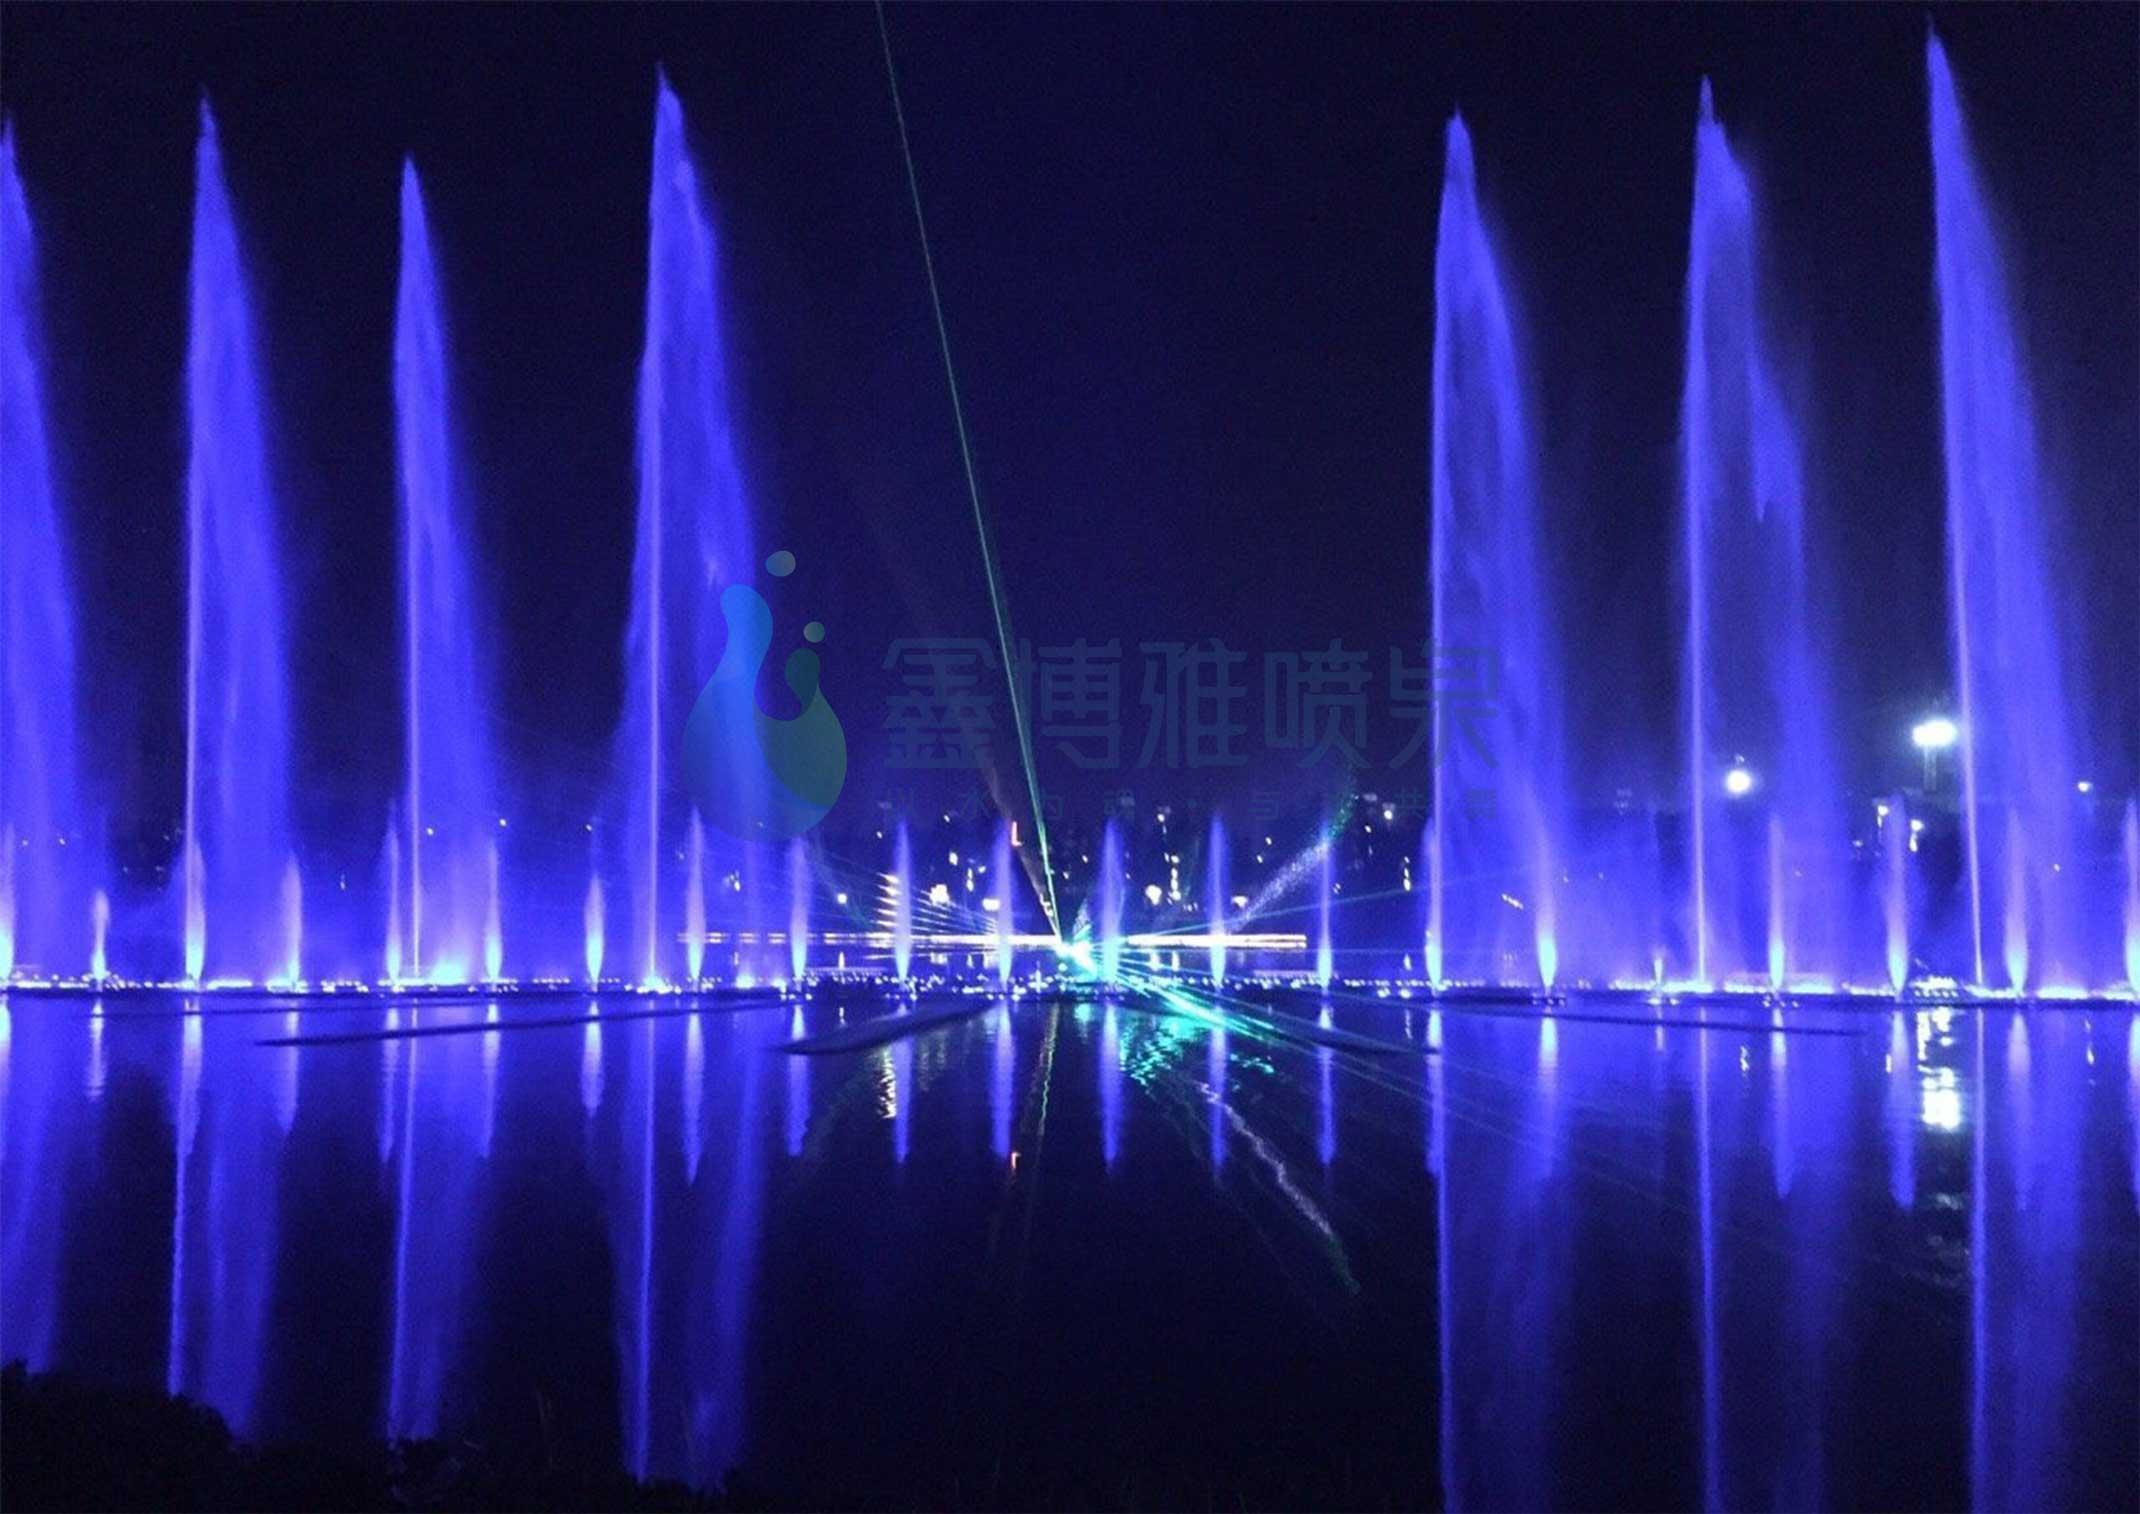 河南郑州轩辕湖激光水幕电影音乐喷泉项目